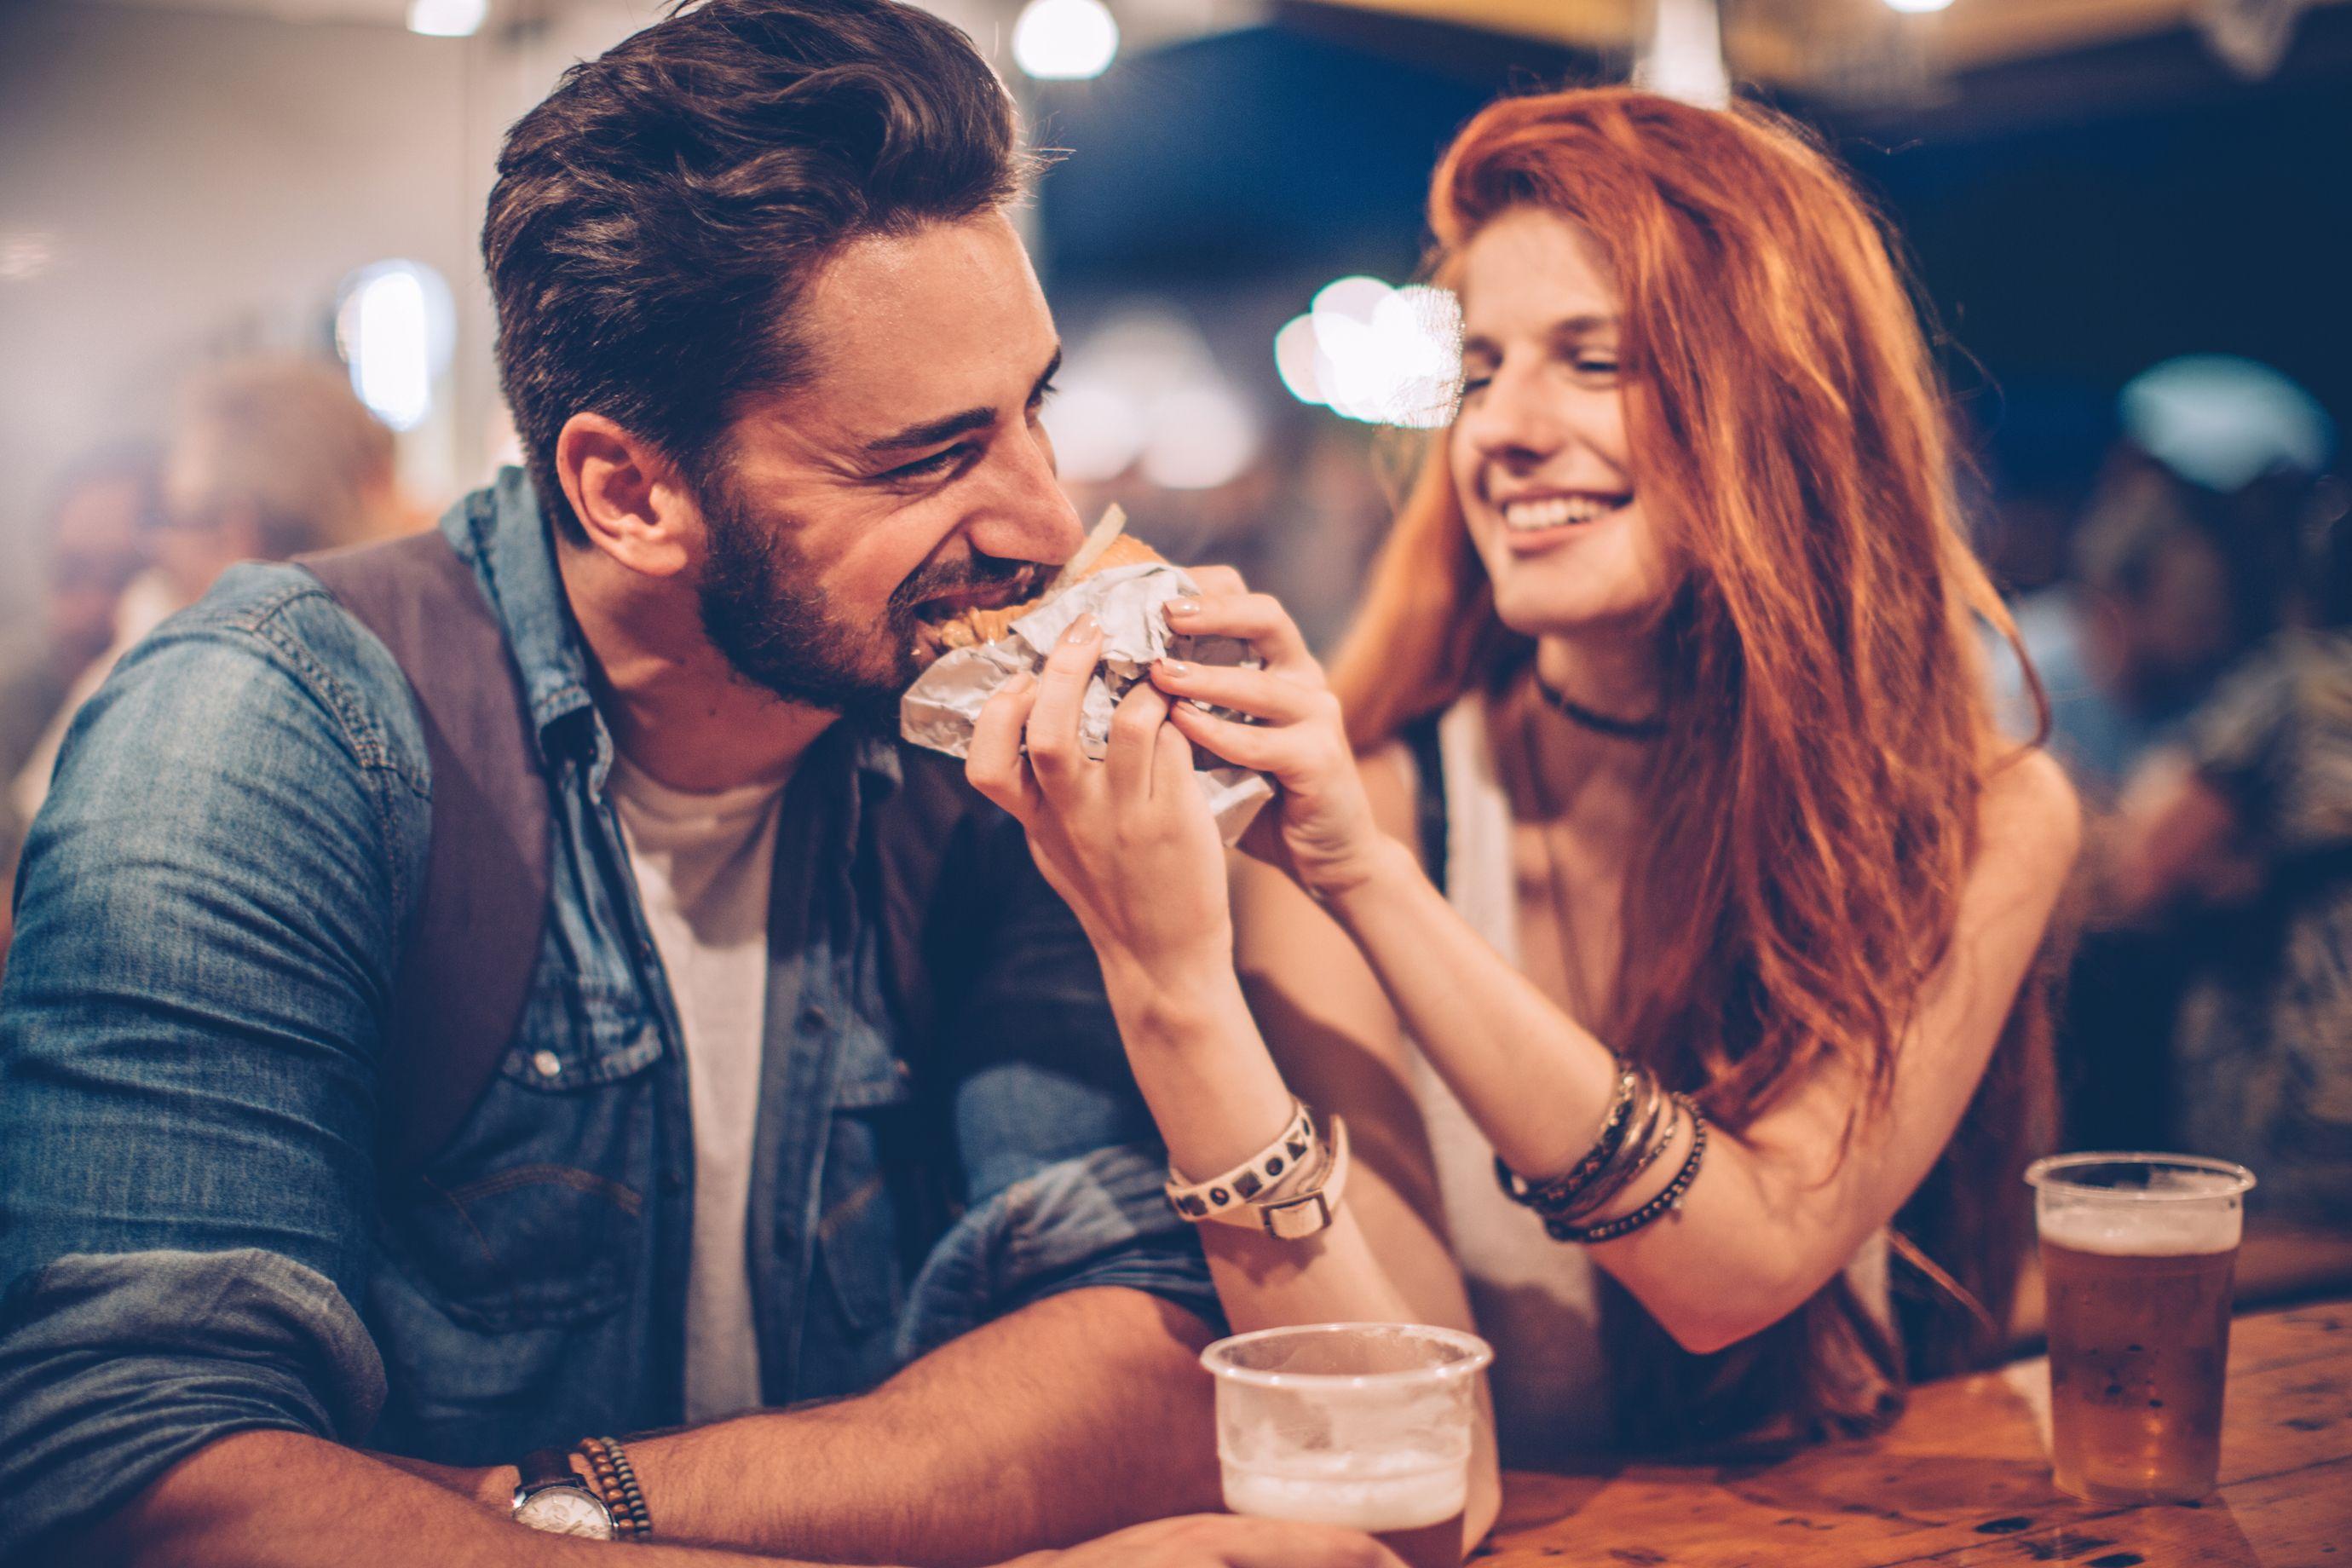 Donna cerca uomo taglio di po [PUNIQRANDLINE-(au-dating-names.txt) 29